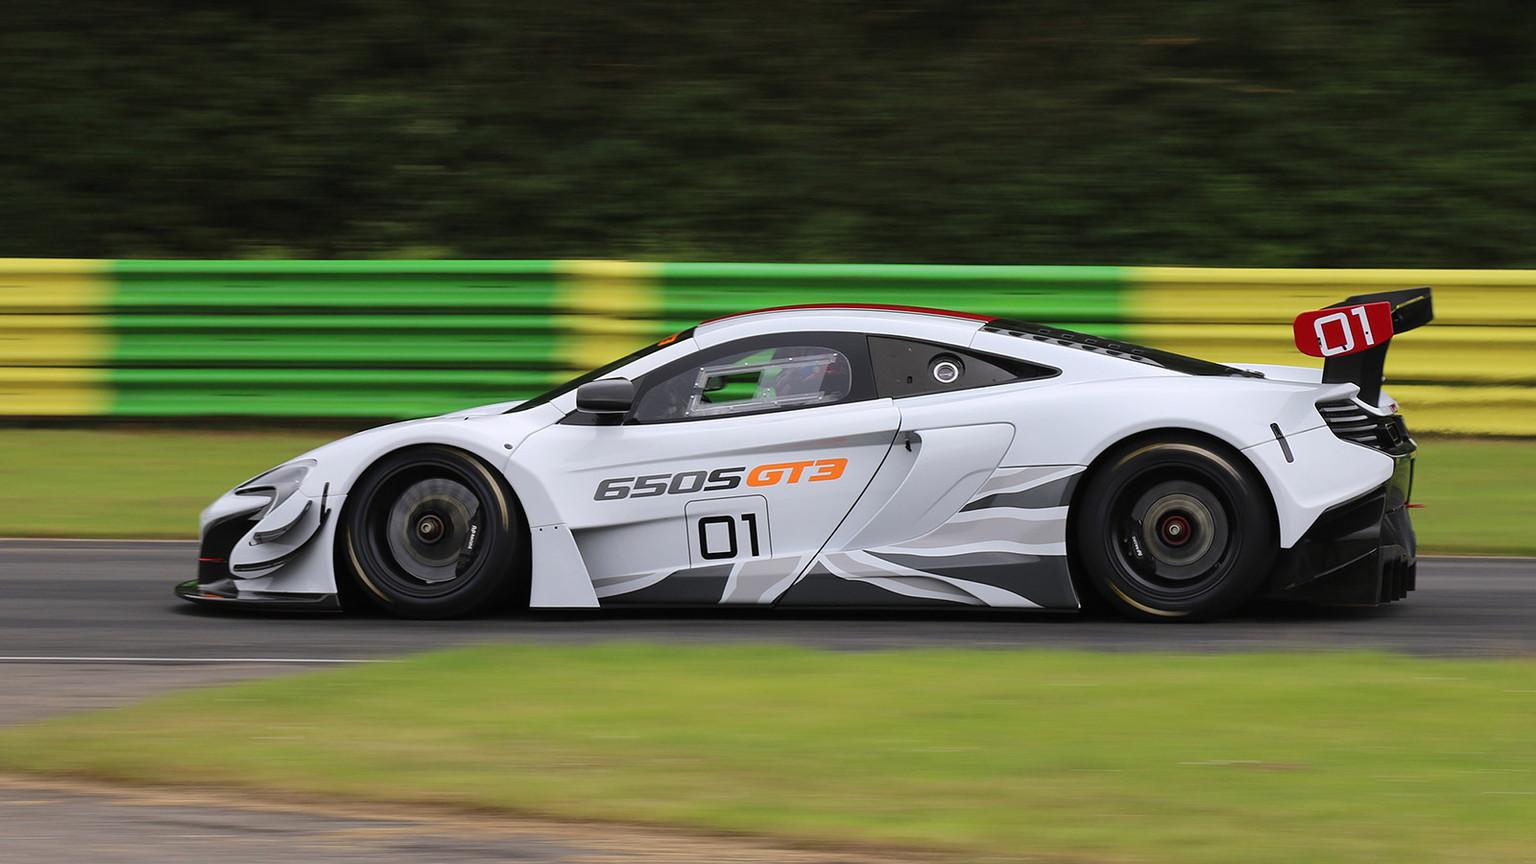 img-McLaren-650S-GT3-01.jpg